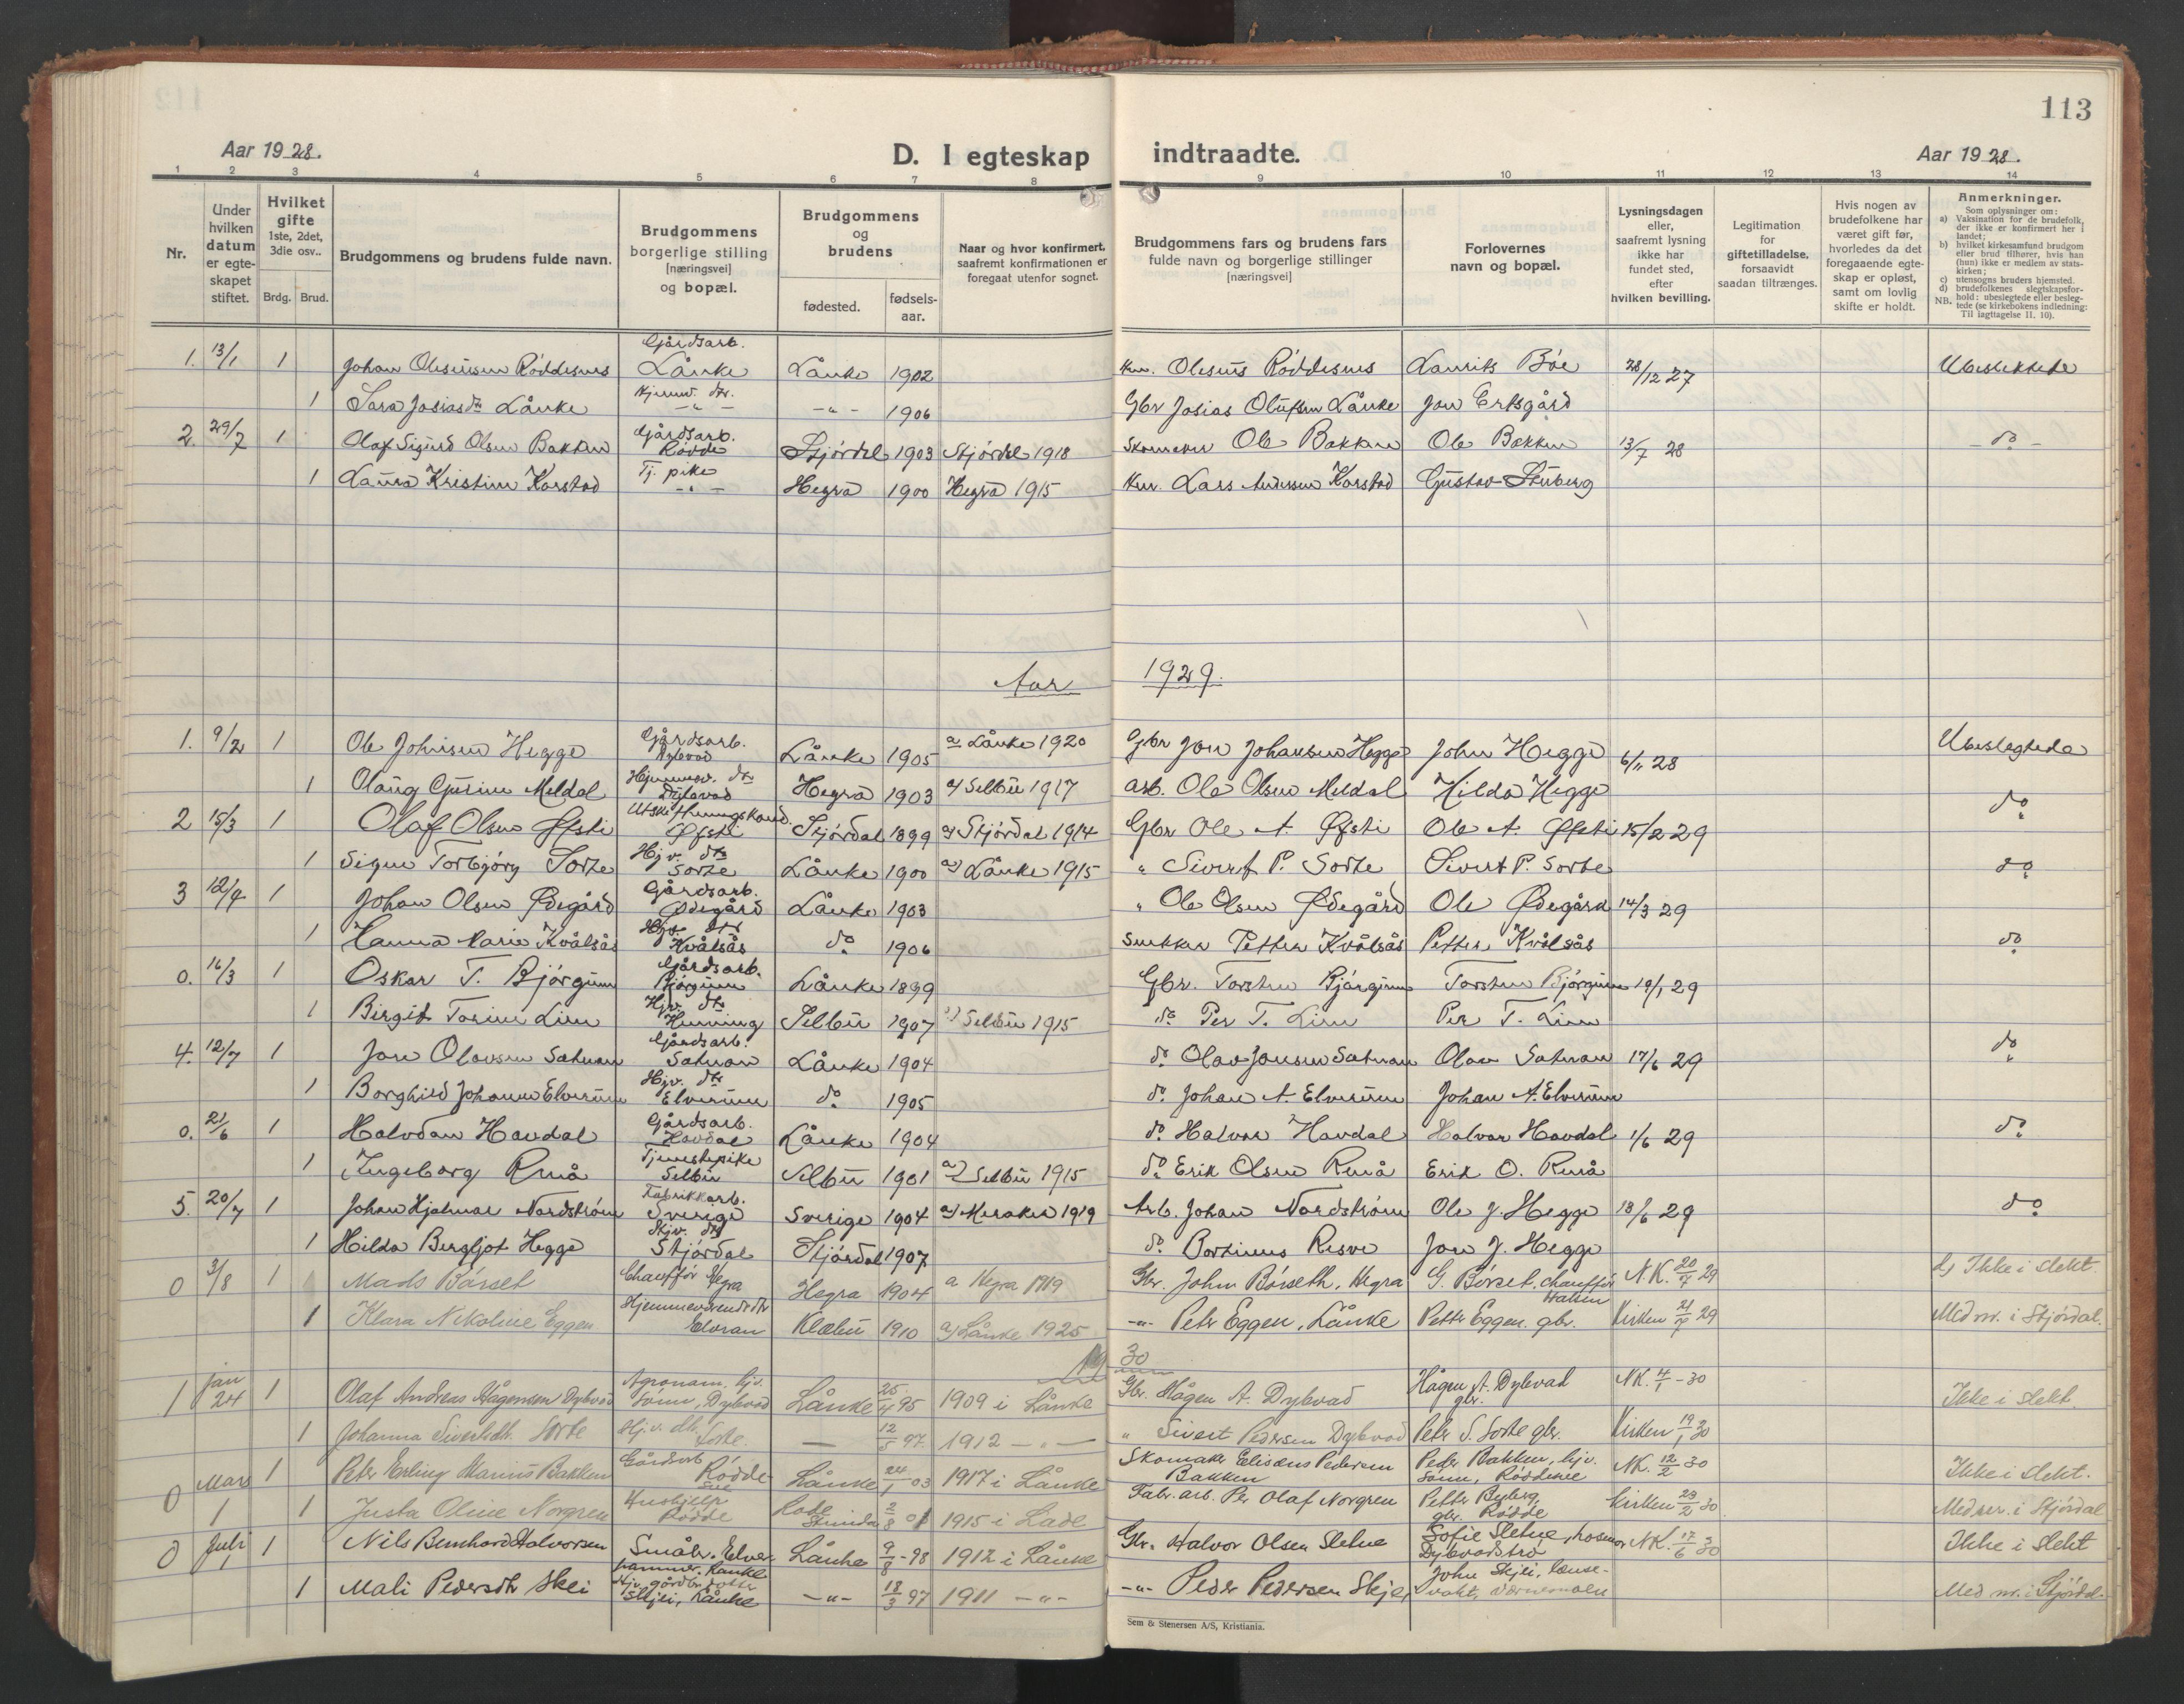 SAT, Ministerialprotokoller, klokkerbøker og fødselsregistre - Nord-Trøndelag, 710/L0097: Klokkerbok nr. 710C02, 1925-1955, s. 113